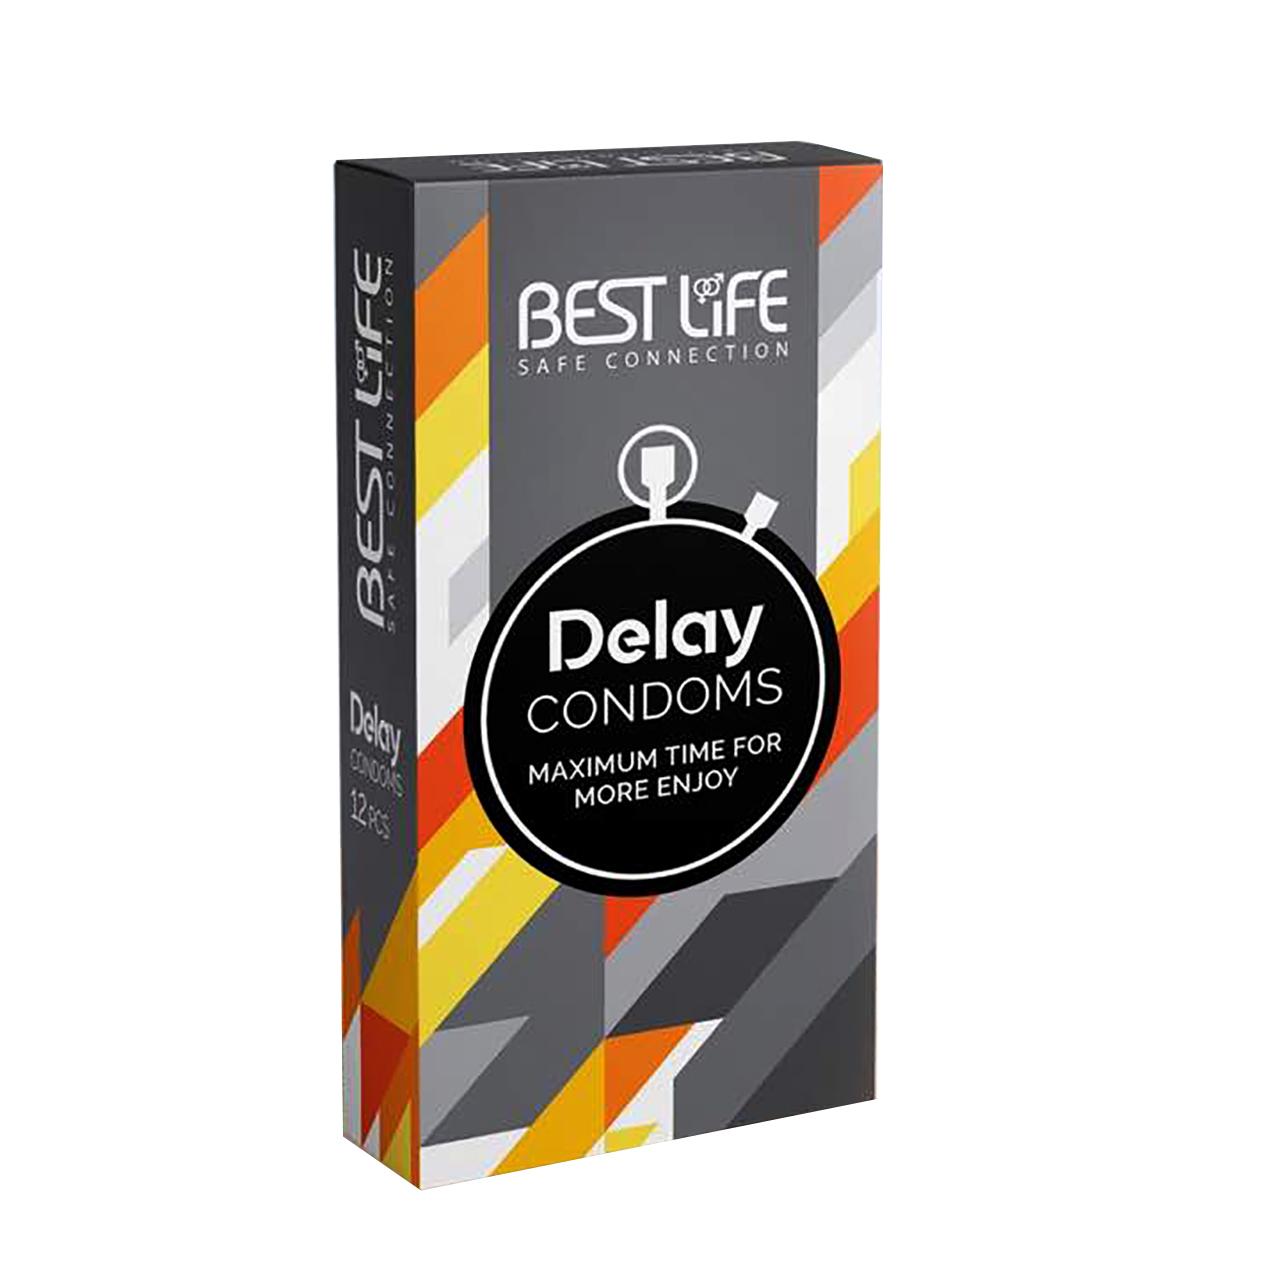 عکس کاندوم بست لایف مدل Delay بسته 12 عددی